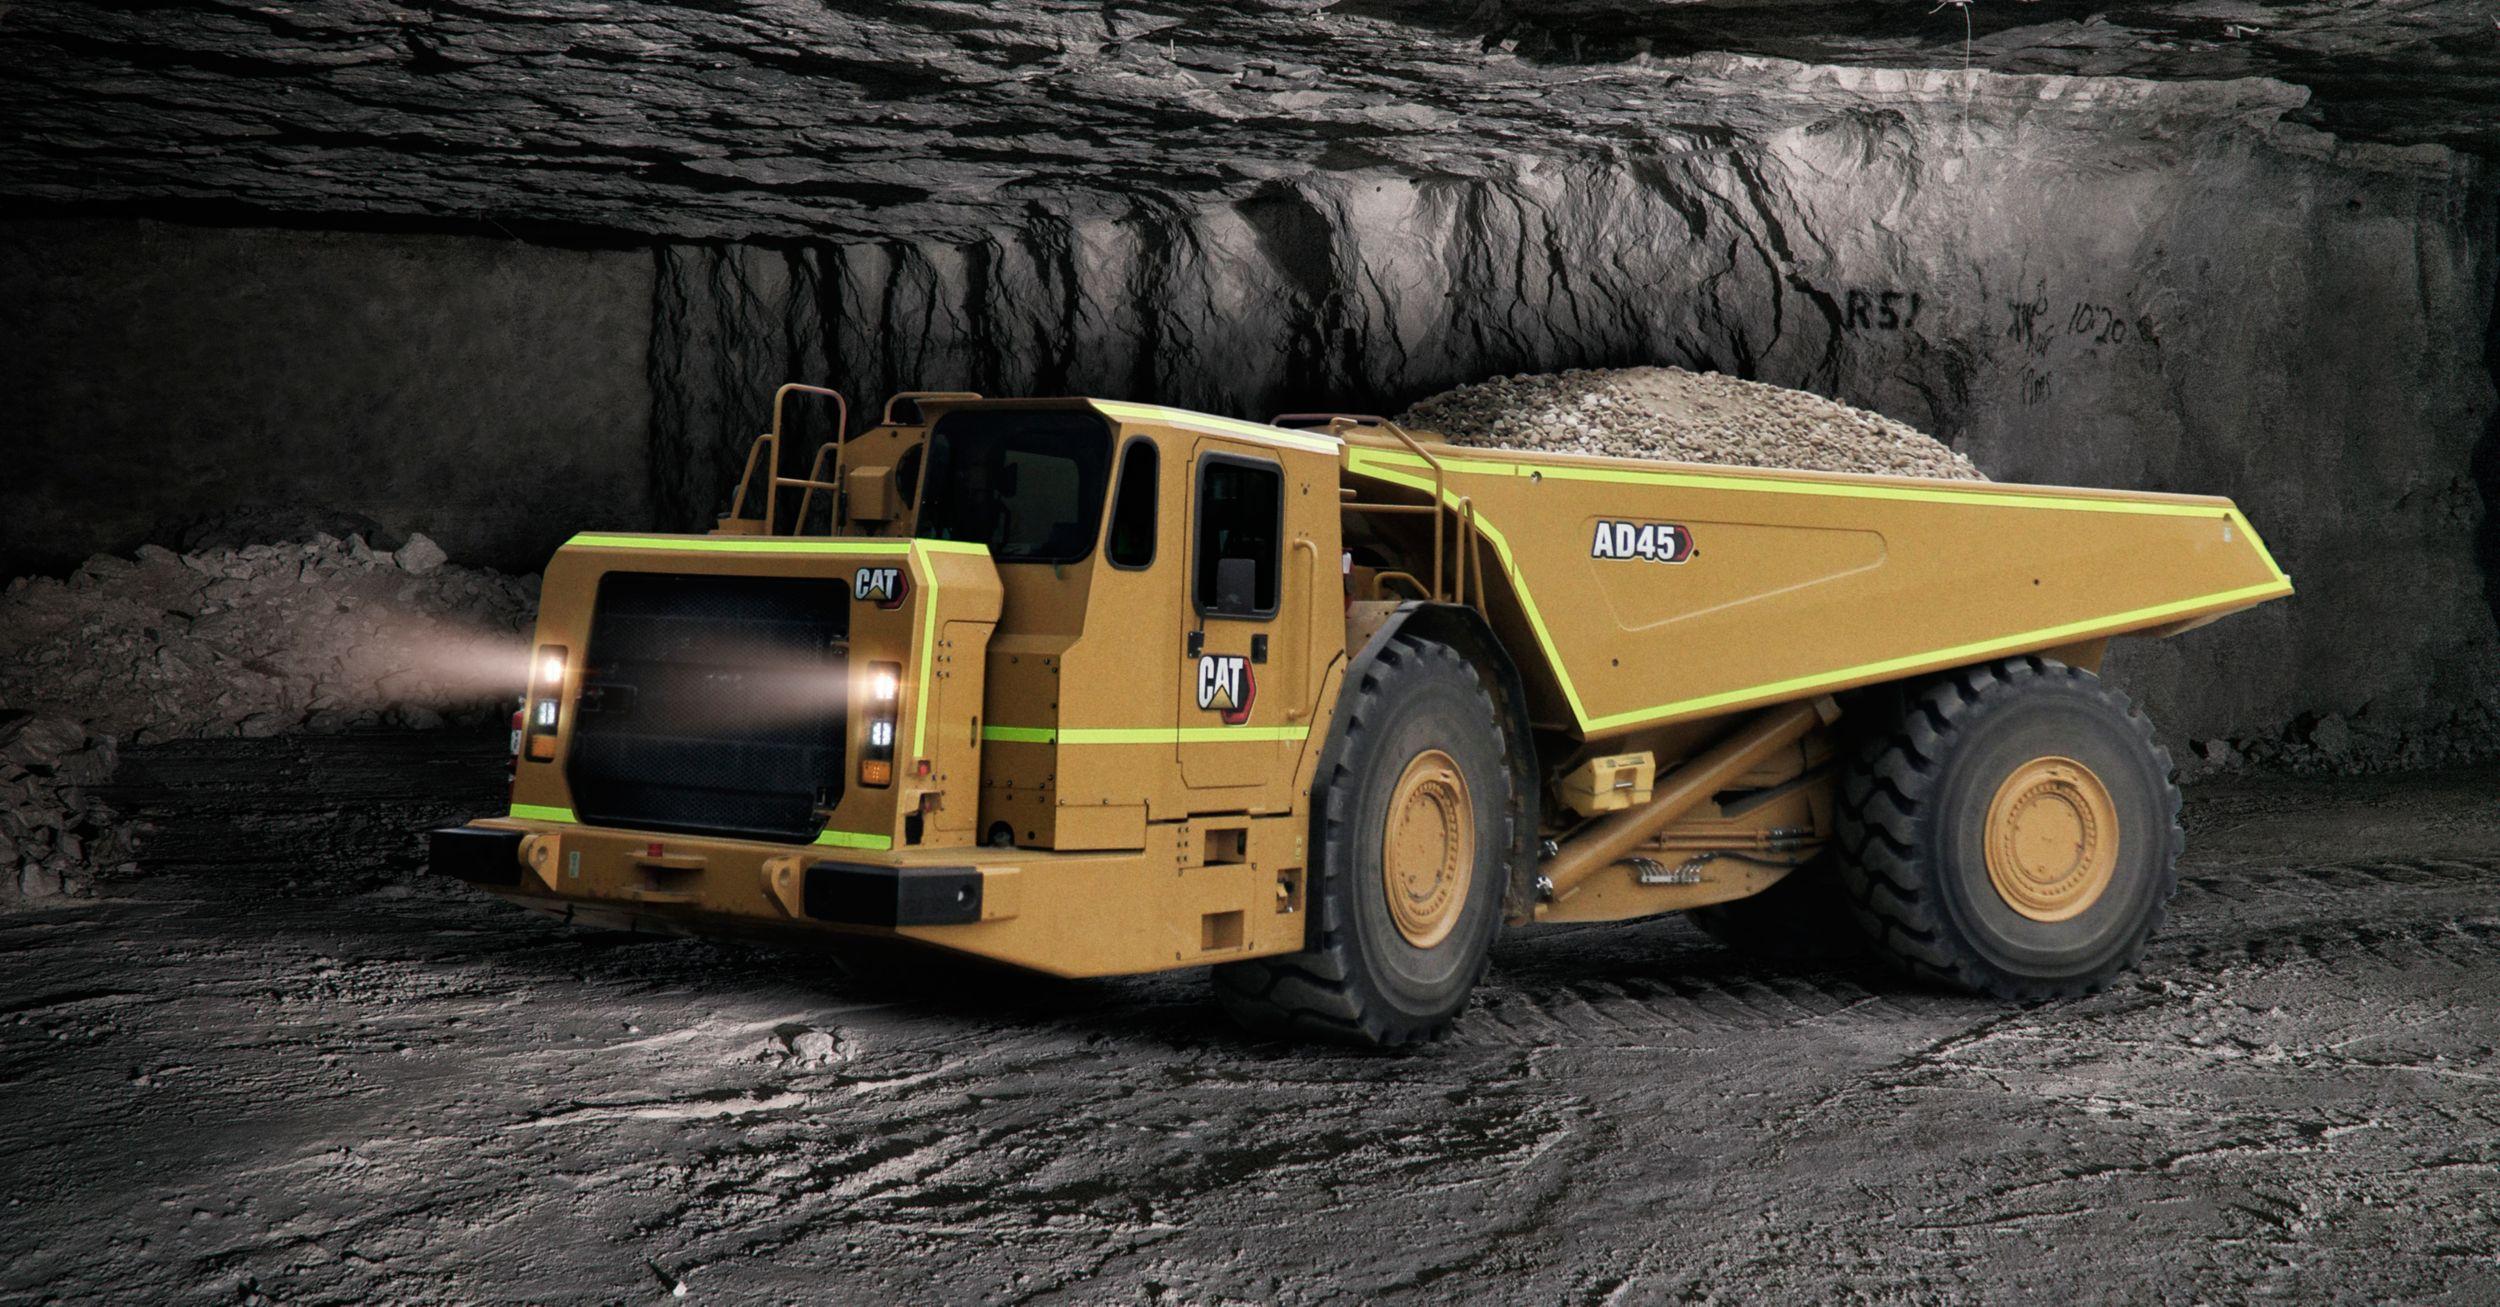 Cat AD45 Underground Truck